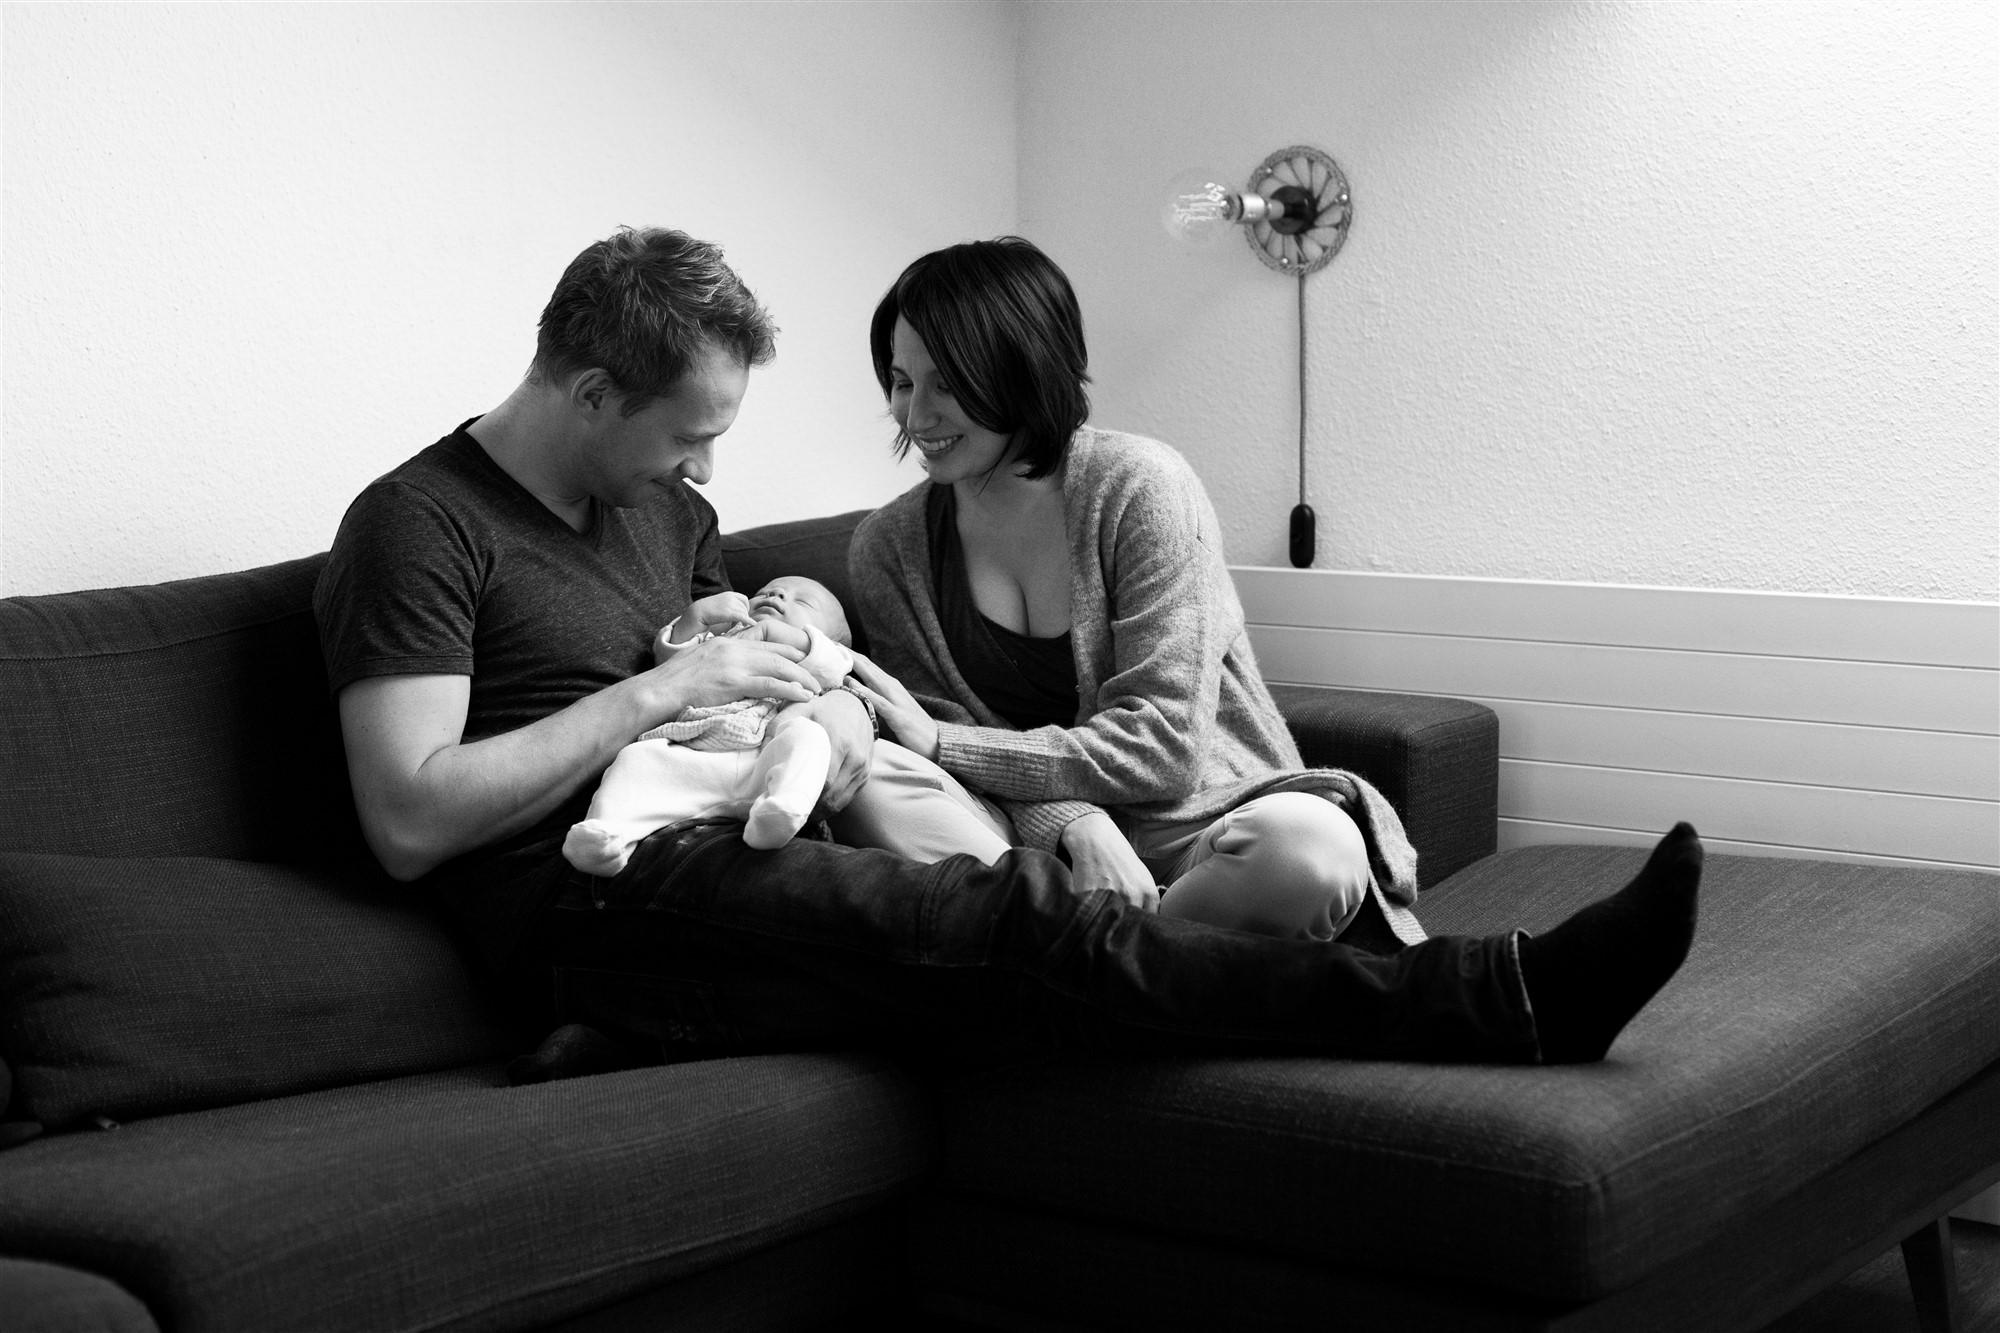 Newborn Homestory Fotoshooting - Die kleine Familie kuschelt auf dem Sofa